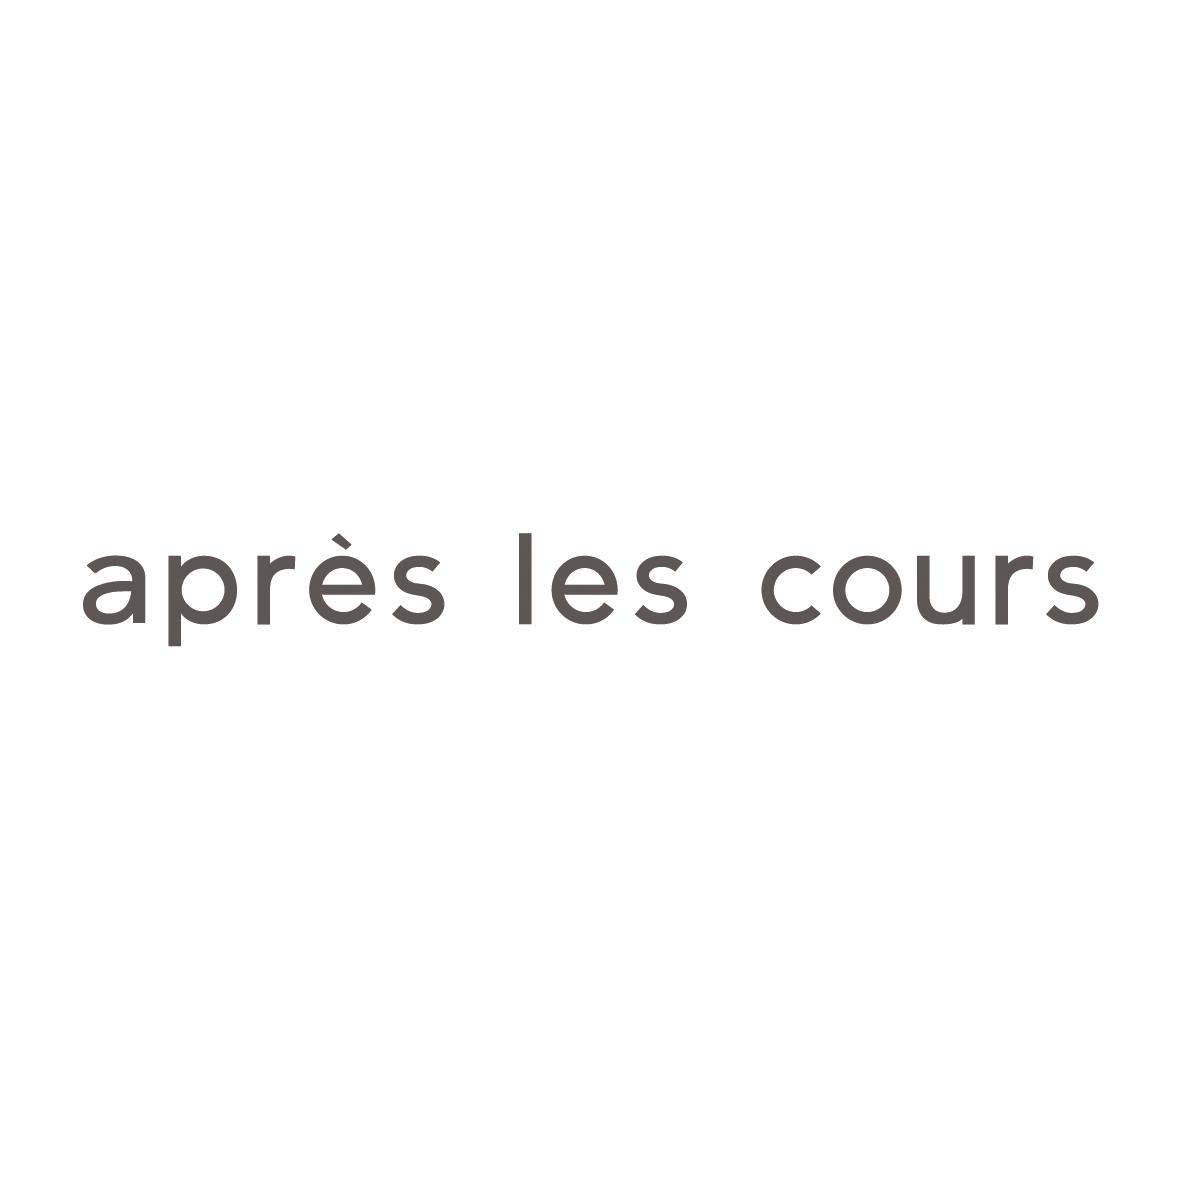 アプレレクールのロゴ画像